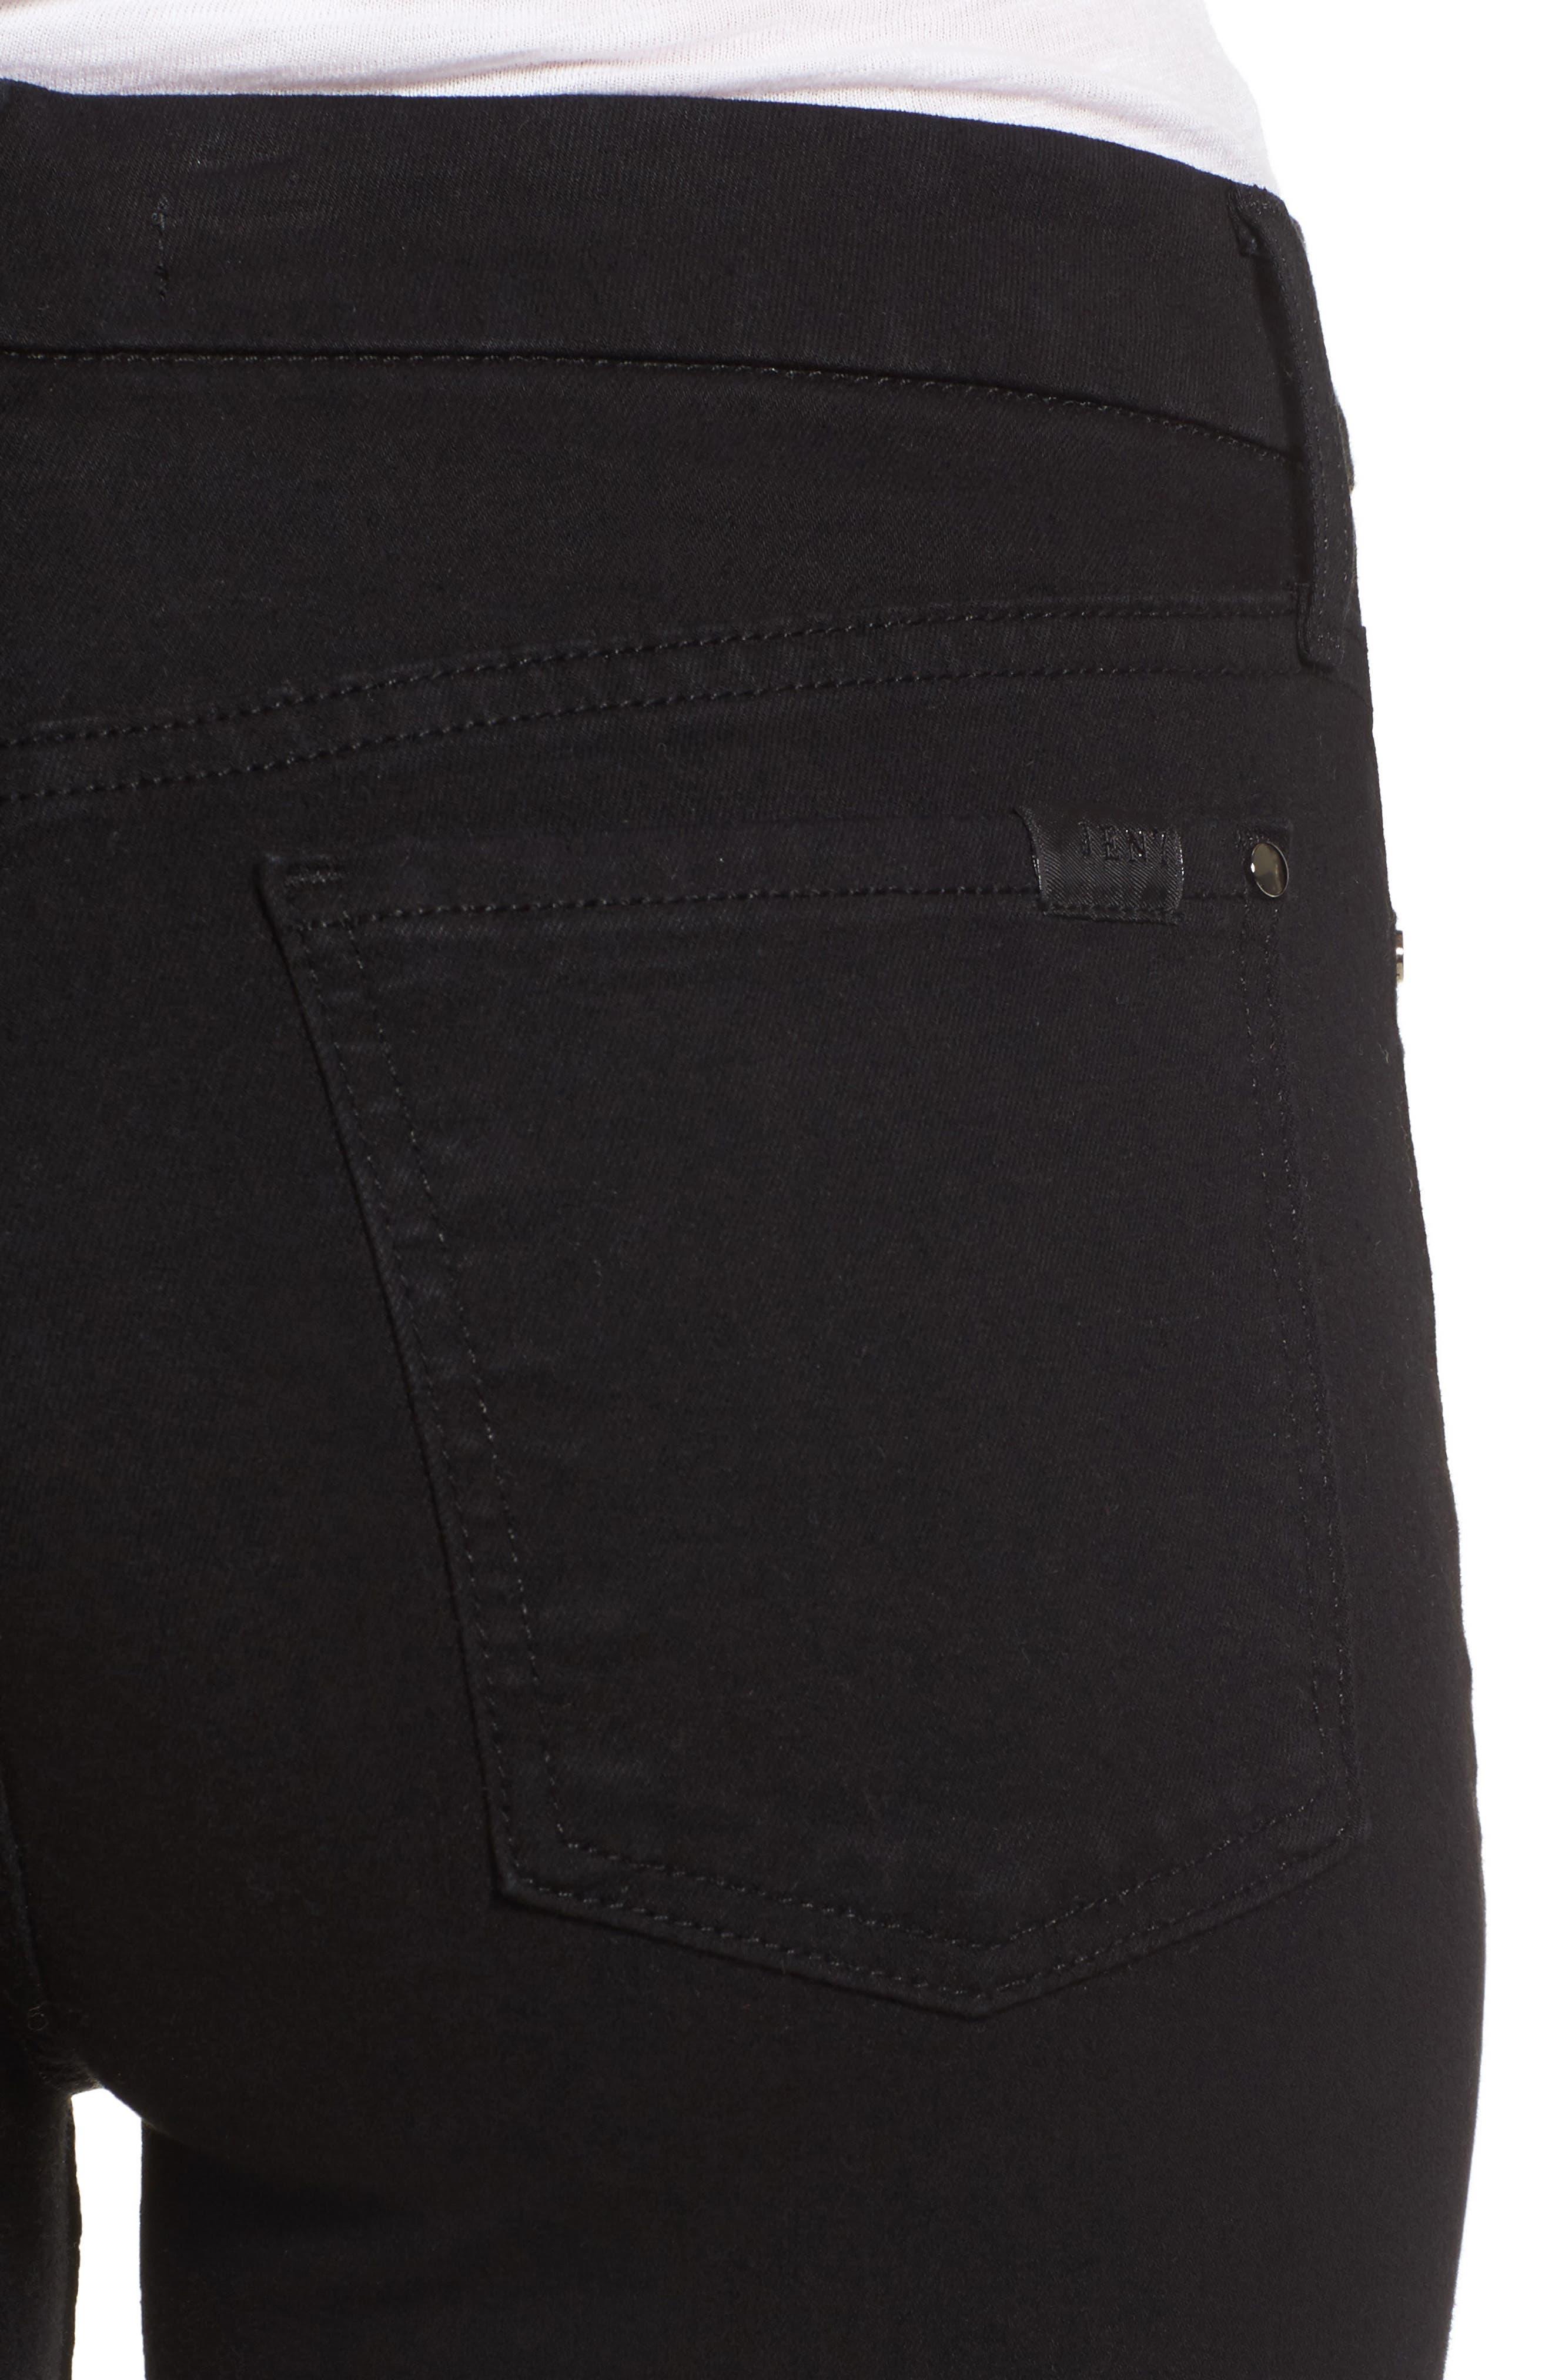 Skinny Jeans,                             Alternate thumbnail 4, color,                             RICHE TOUCH BLACK NOIR